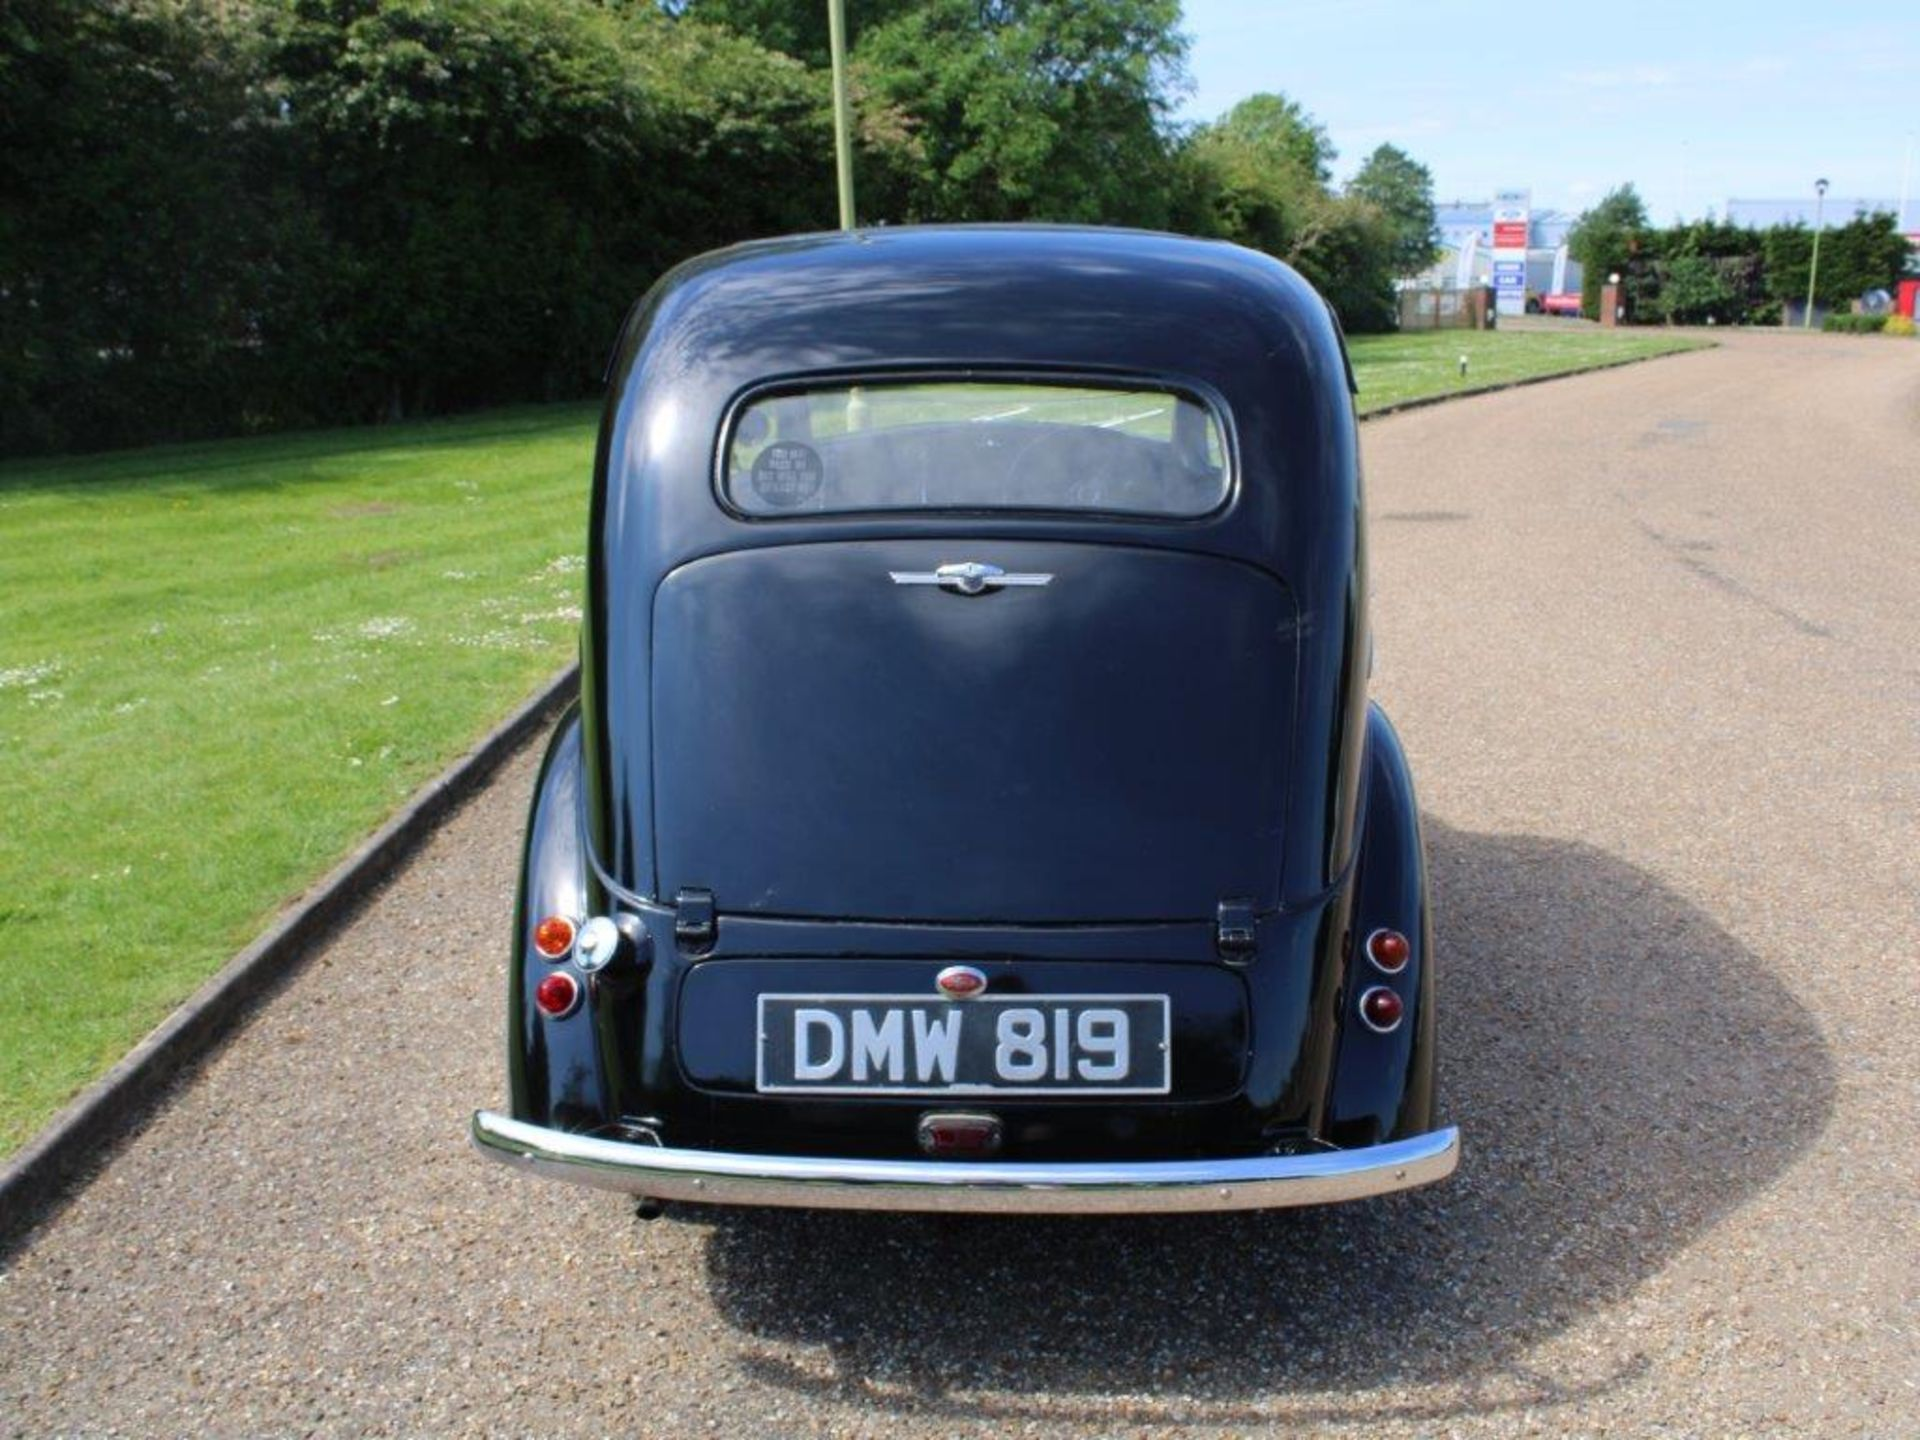 1946 Ford Prefect E93A - Image 7 of 30